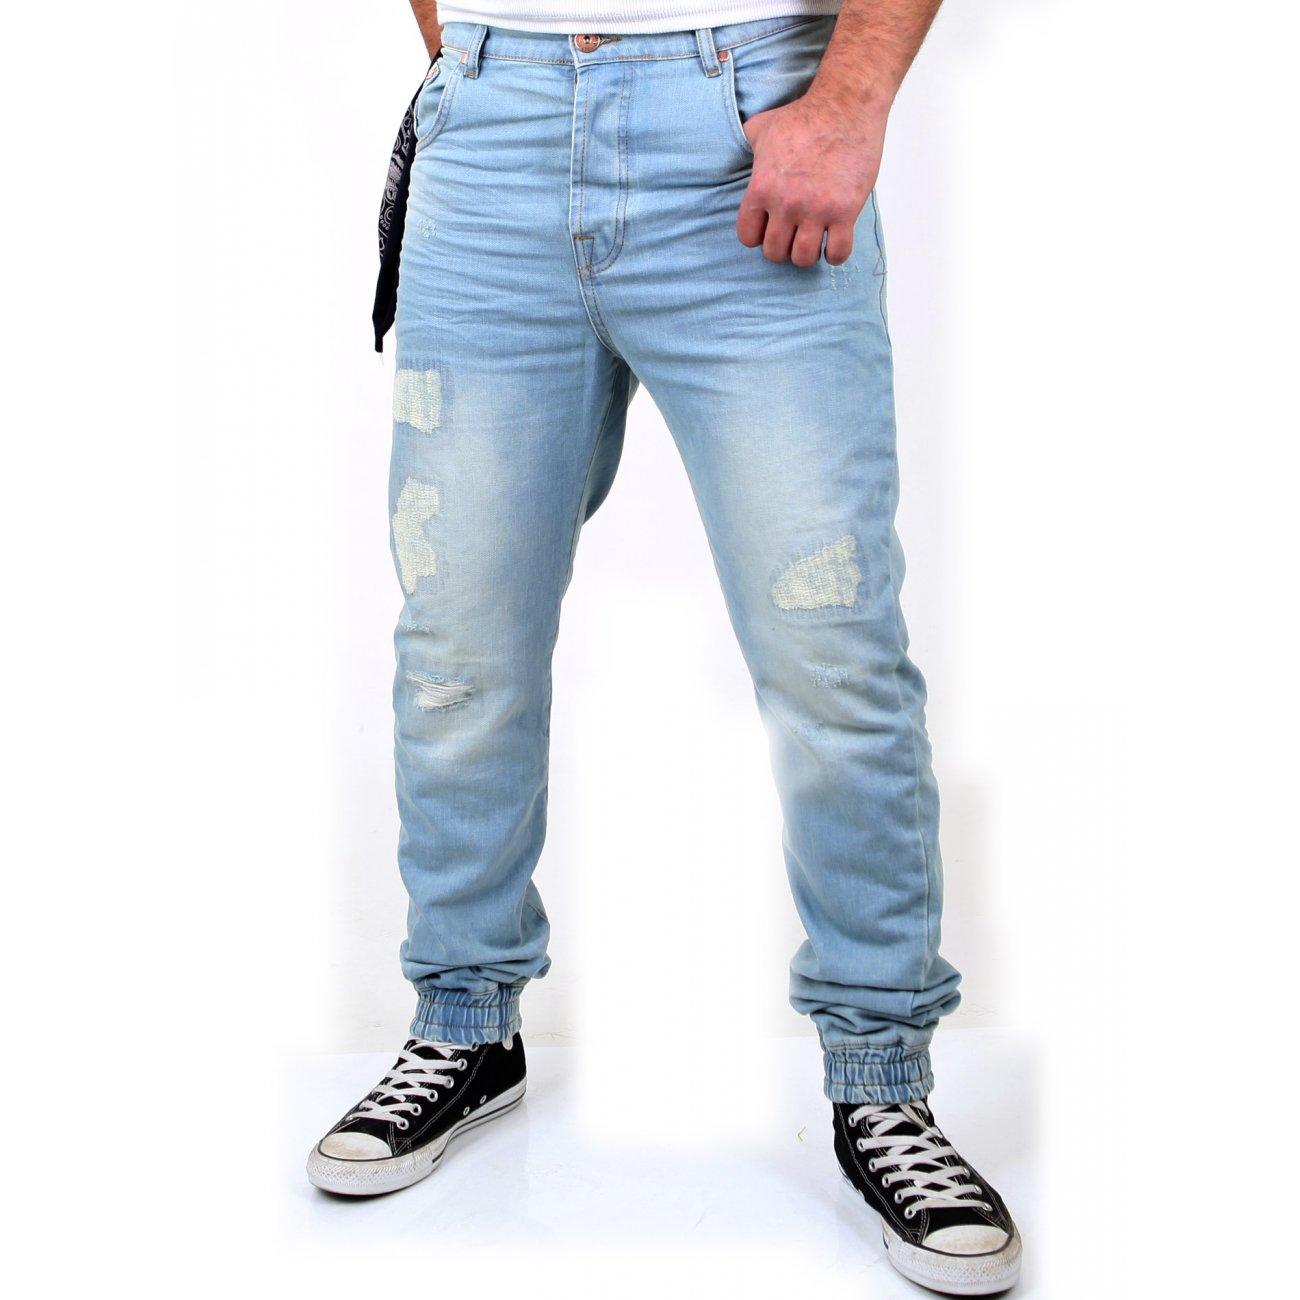 jeans gummibund herren mein lebensstil. Black Bedroom Furniture Sets. Home Design Ideas